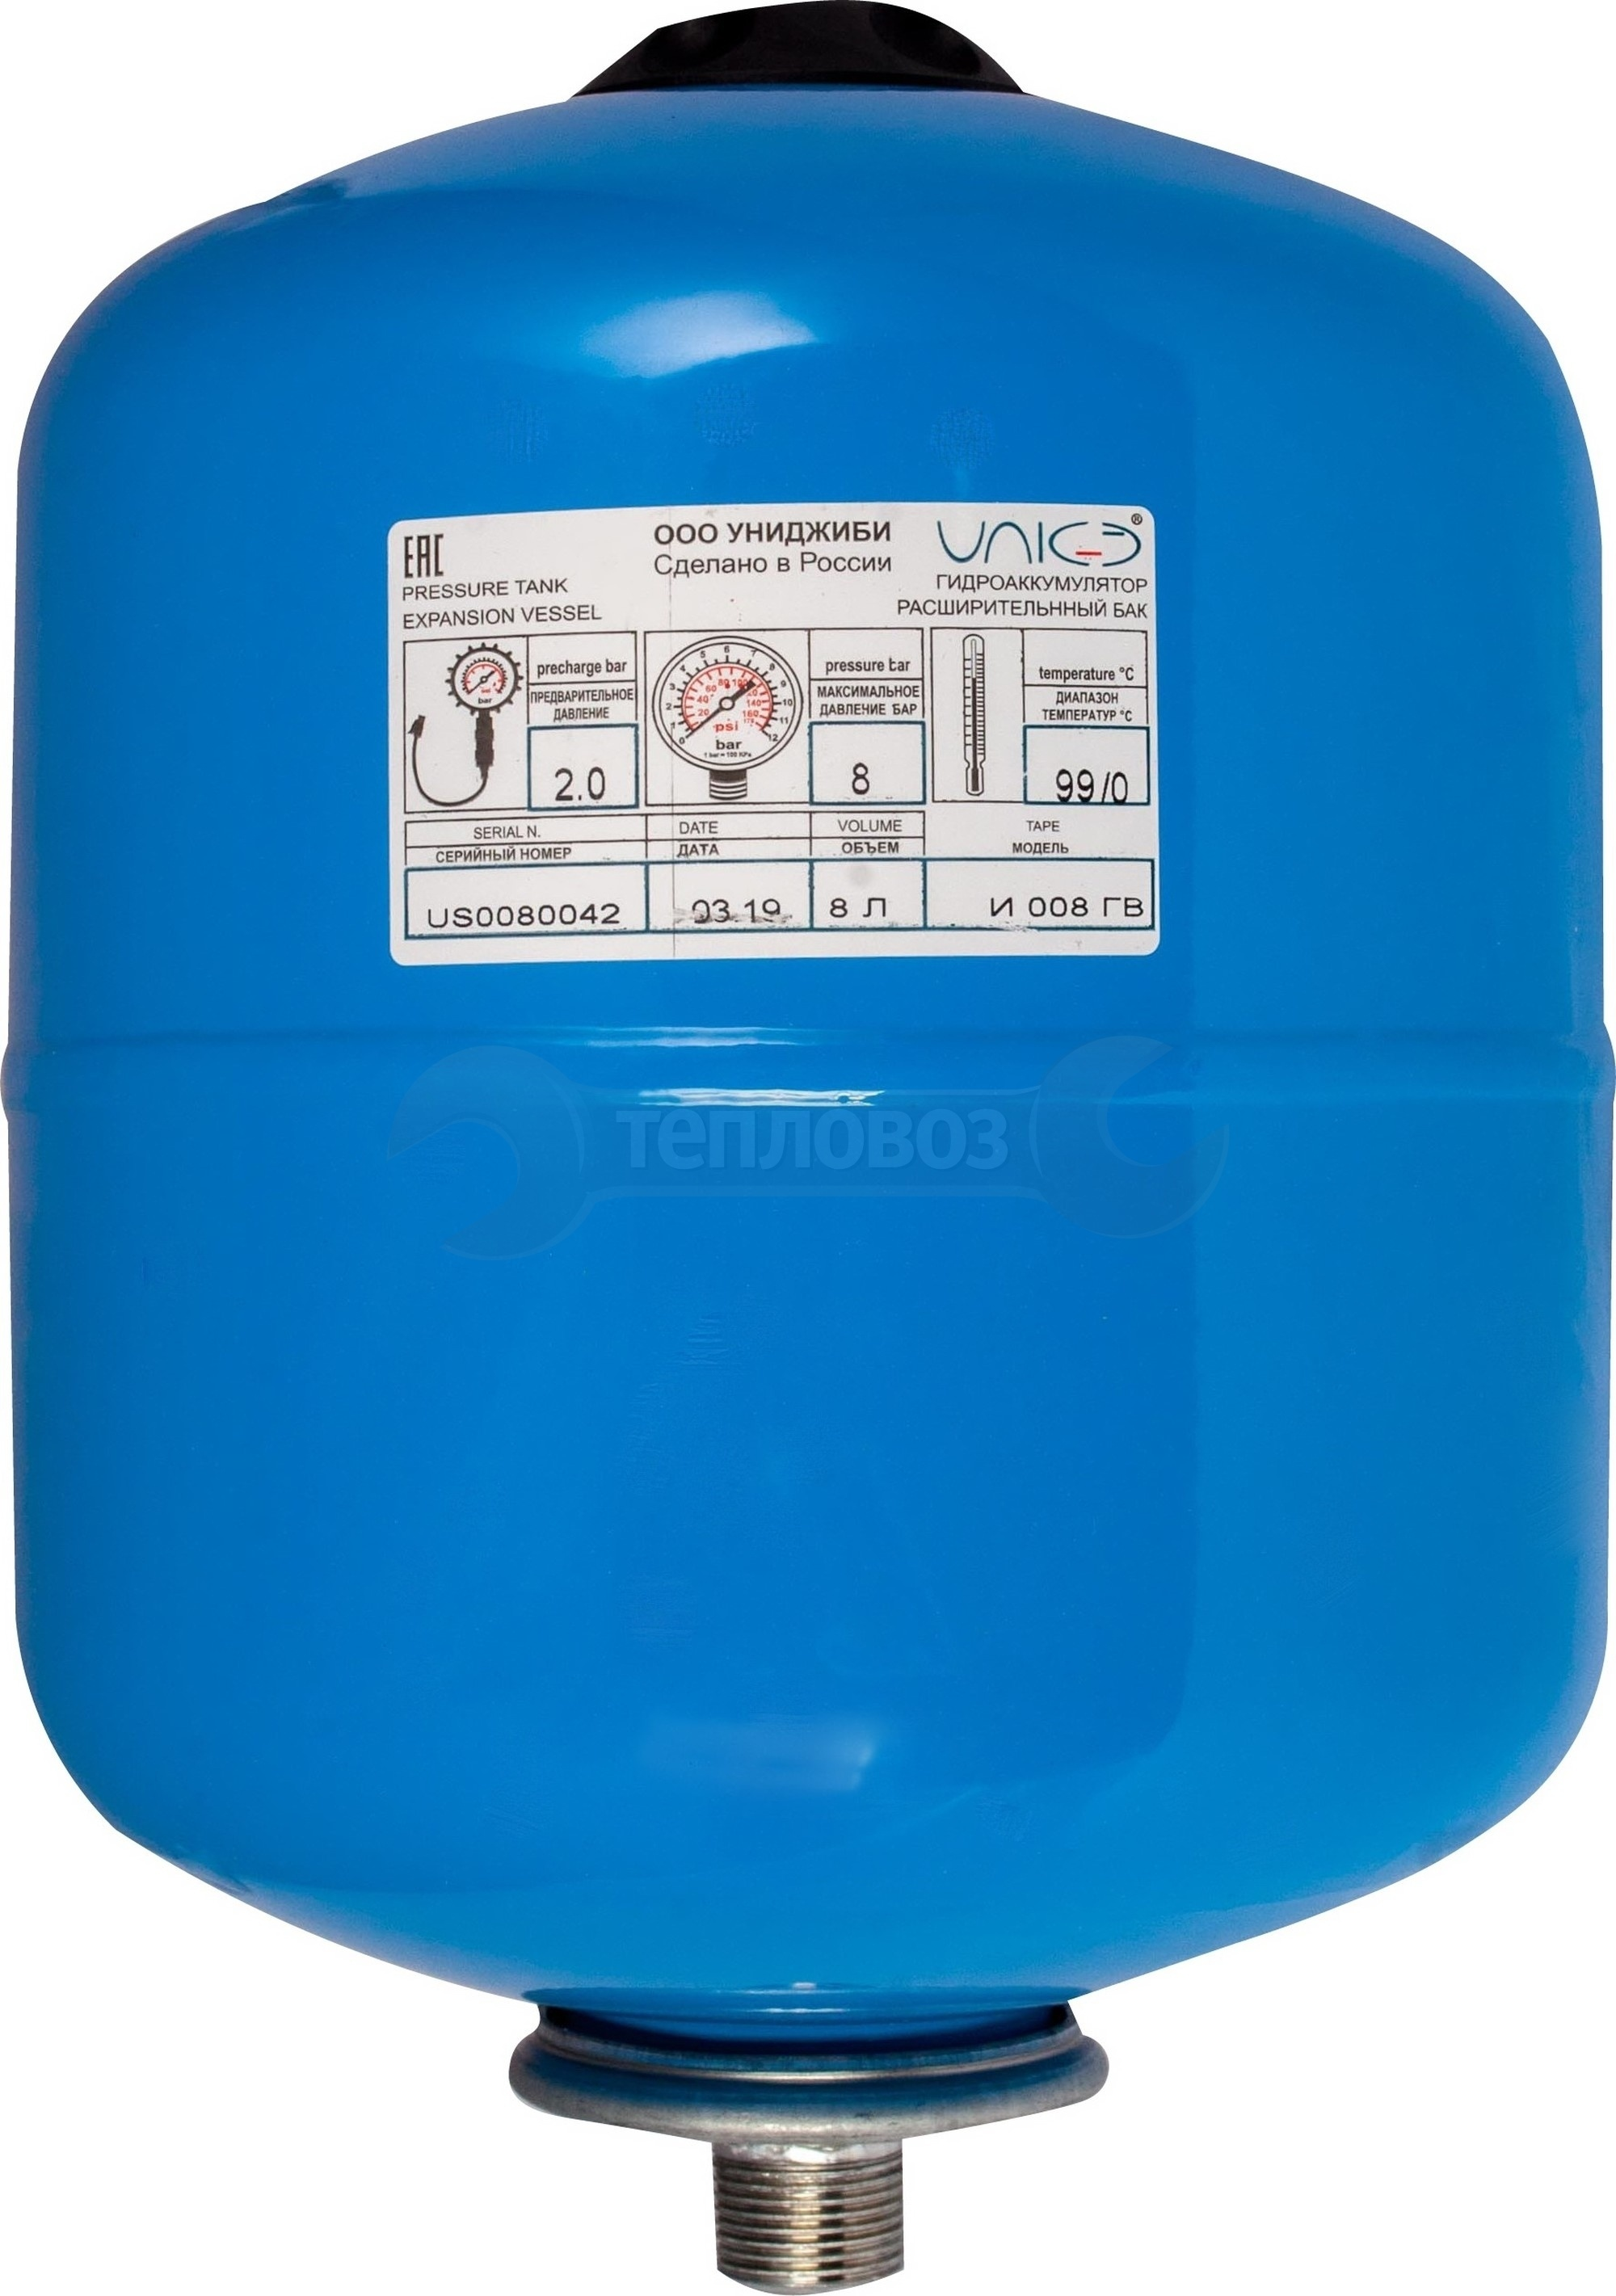 Купить Униджиби И008ГВ 8 л вертикальный в интернет-магазине Дождь